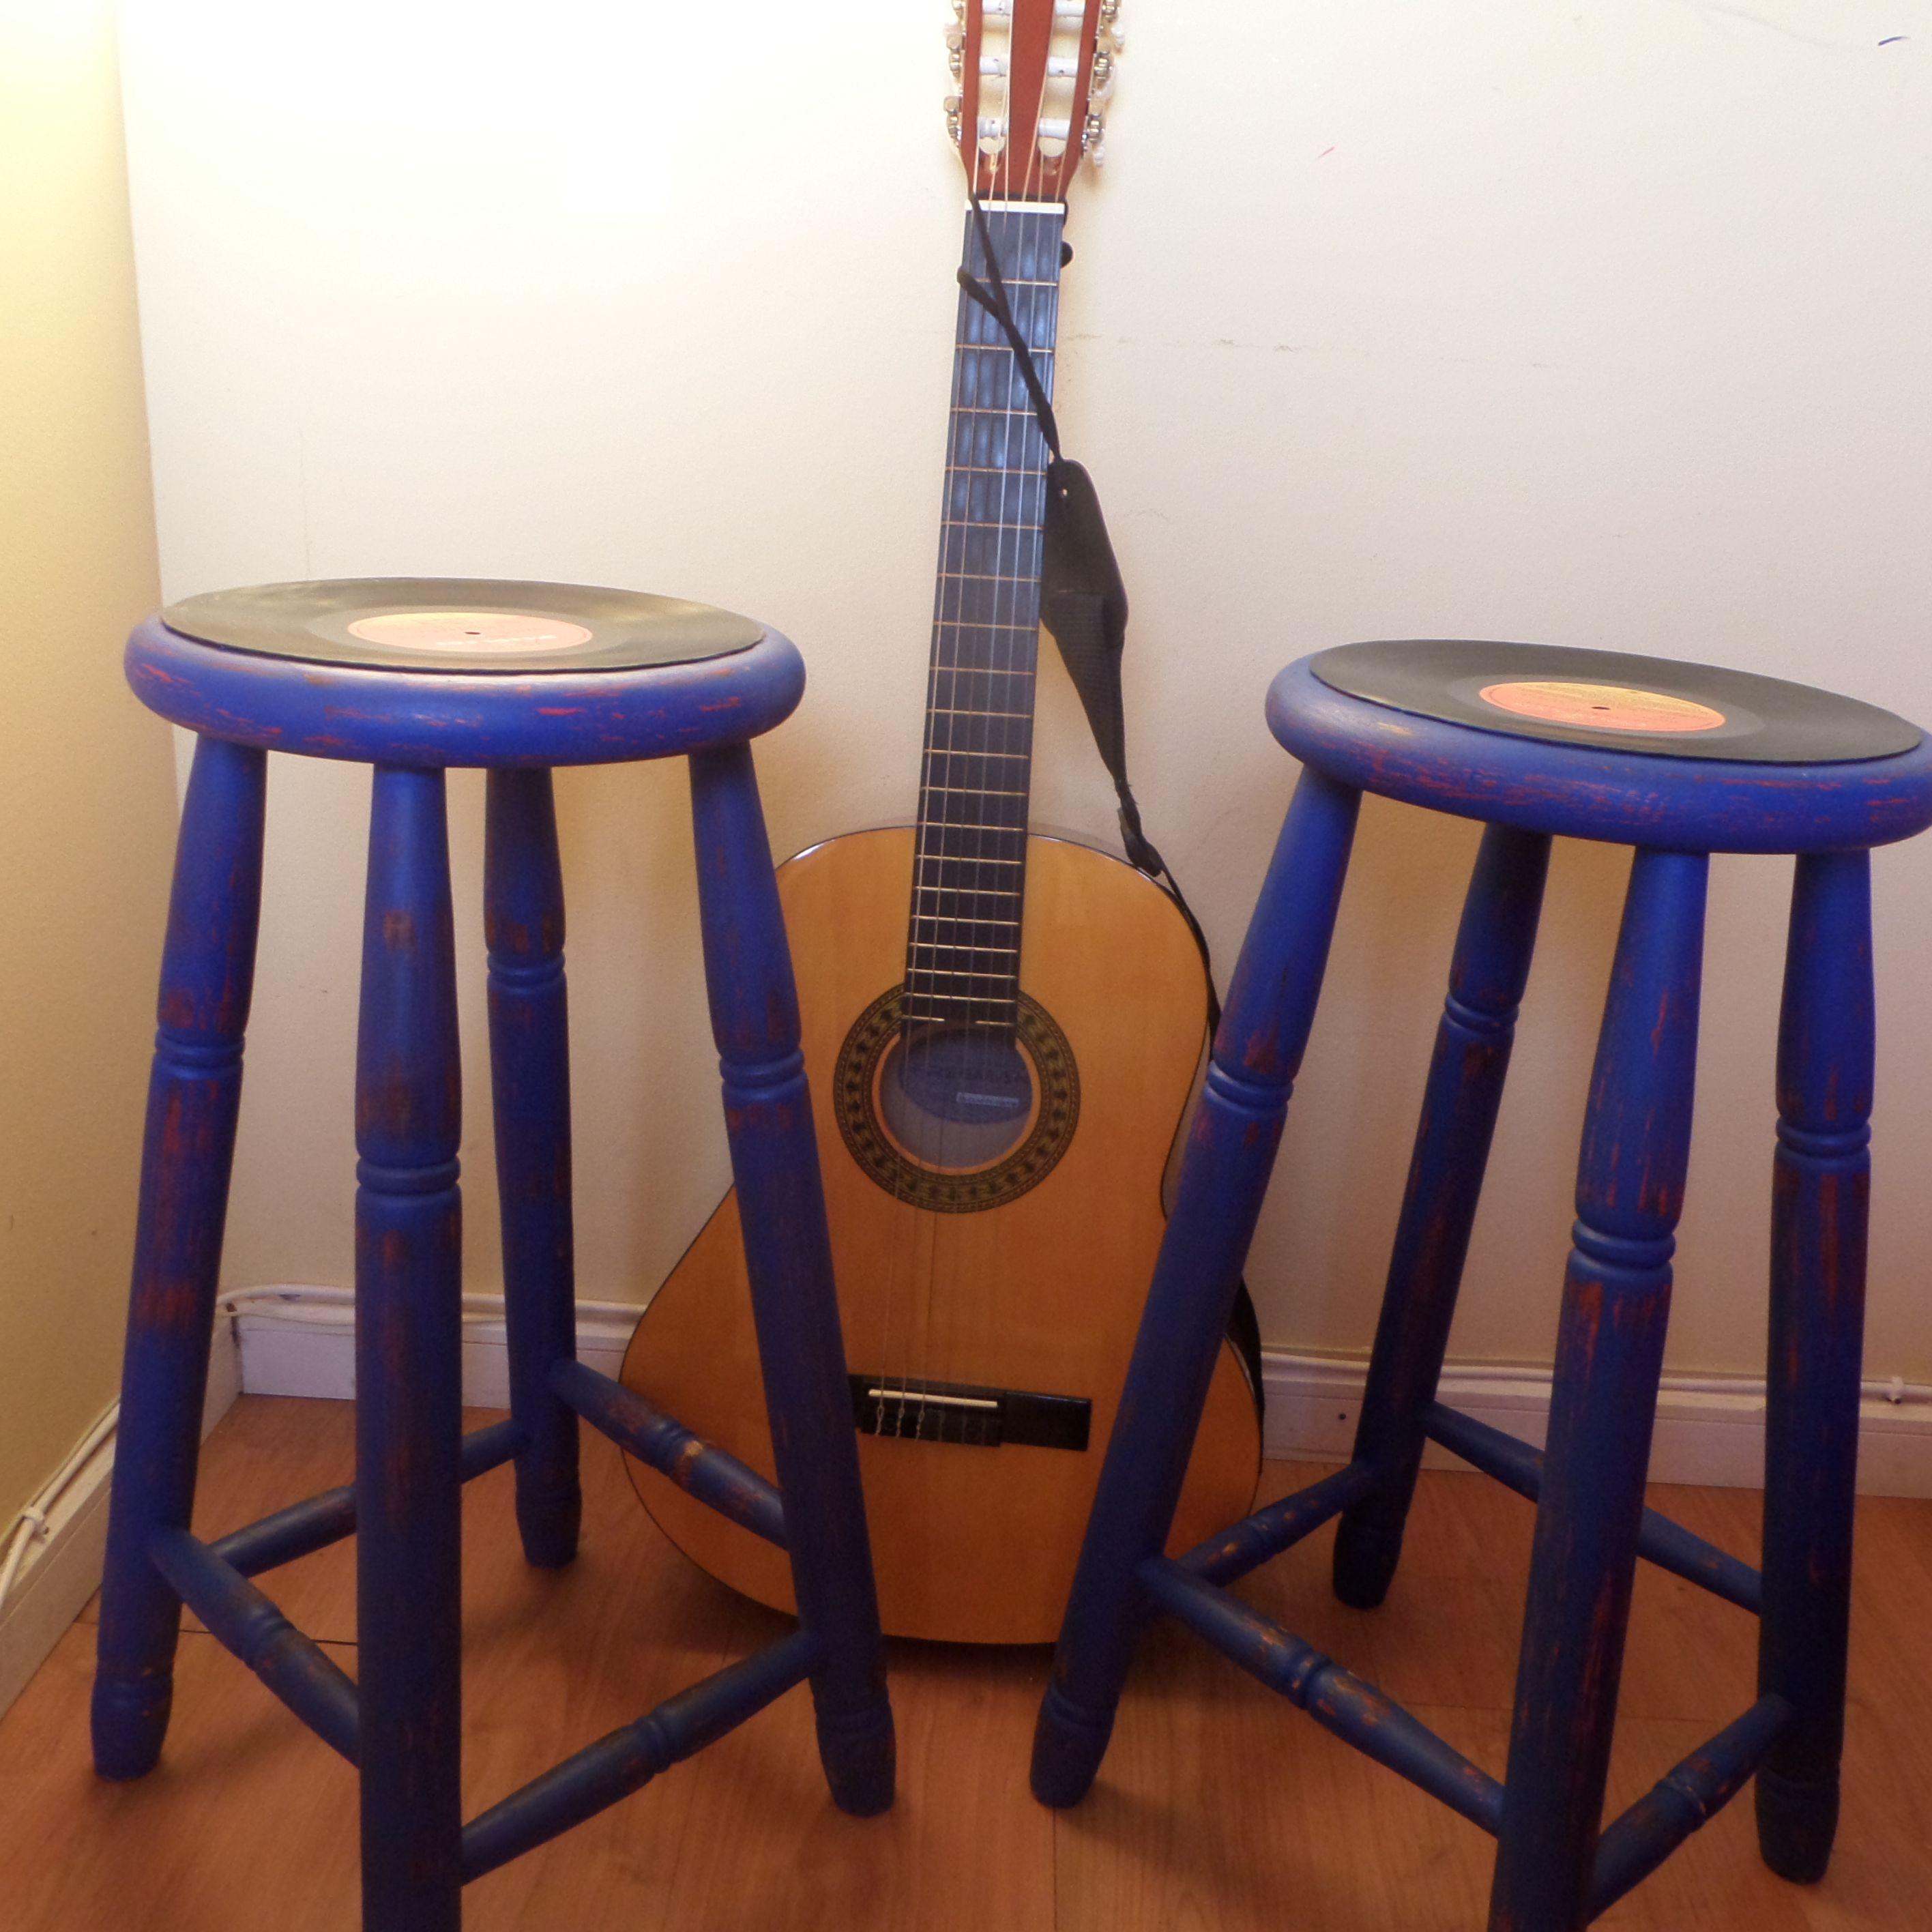 Taburetes Con Discos De Vinilo Muebles Para Siempre, Antofagasta,